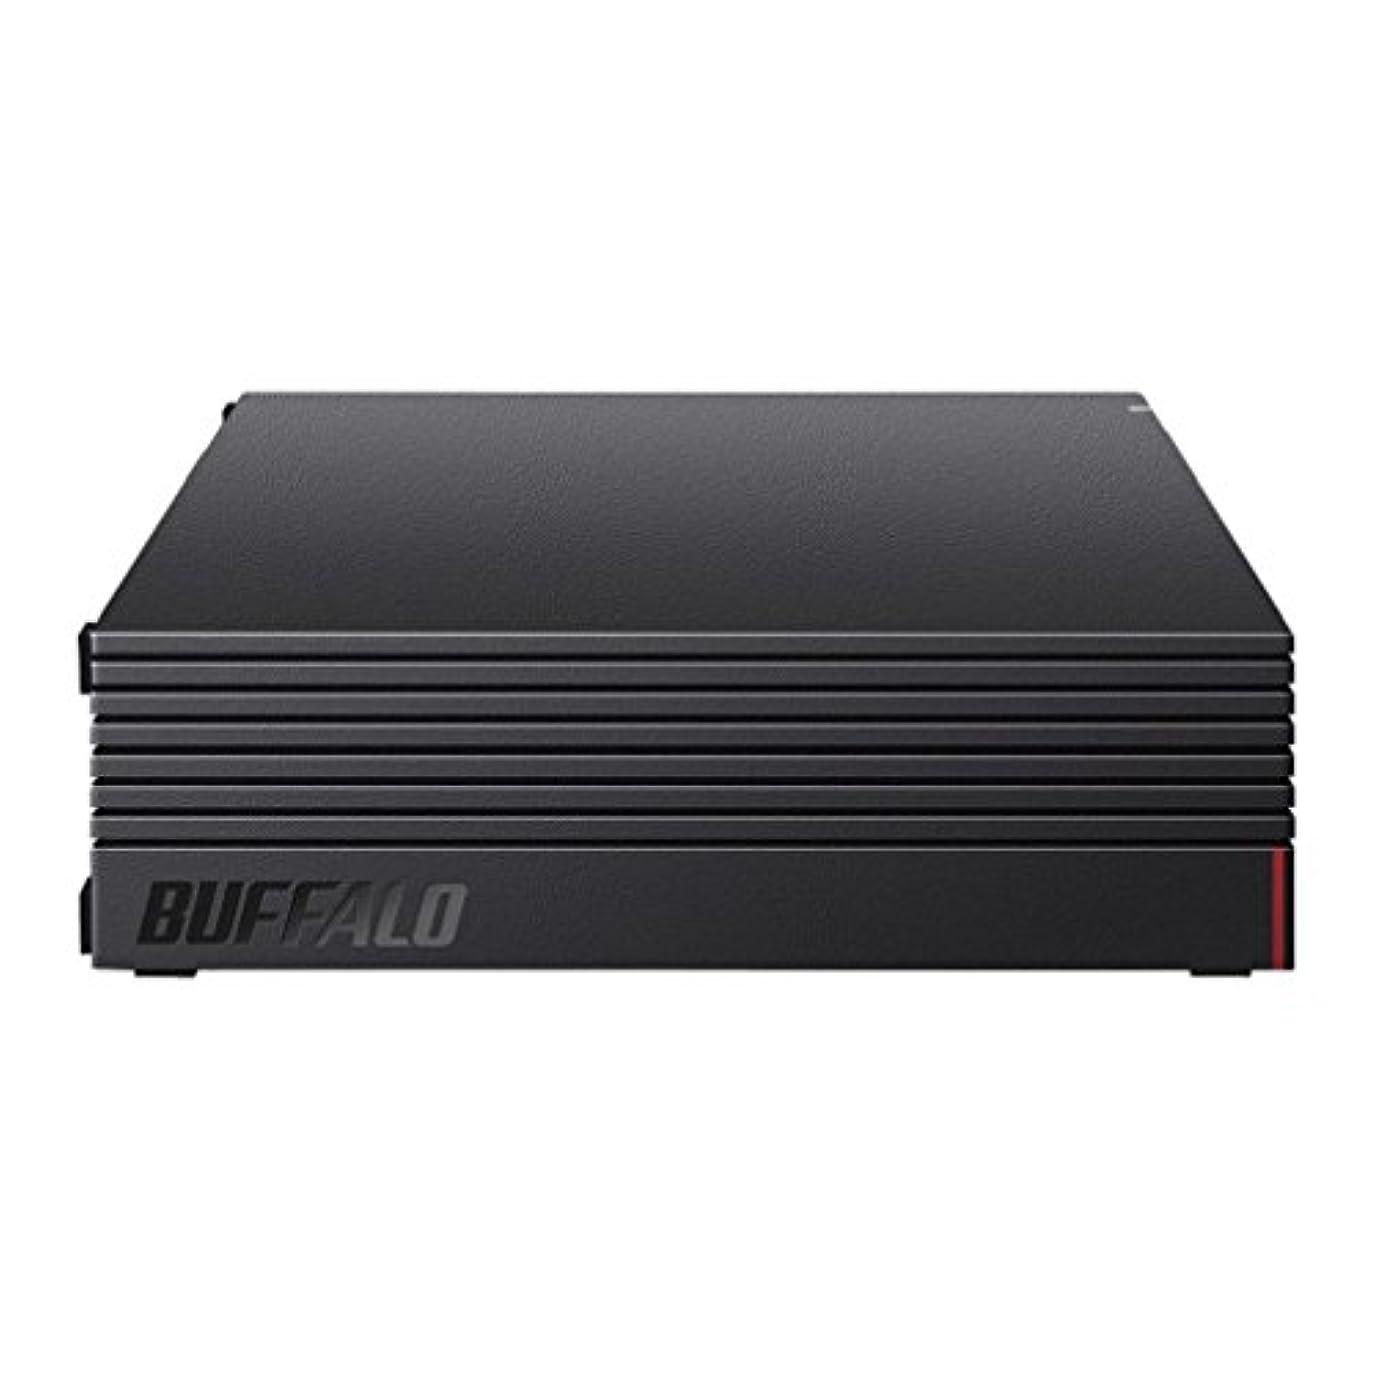 濃度ハンバーガー封筒【Amazon.co.jp限定】BUFFALO 外付けハードディスク 3TB テレビ録画/PC/PS4/4K対応 静音&コンパクト 日本製 故障予測 みまもり合図 HD-AD3U3